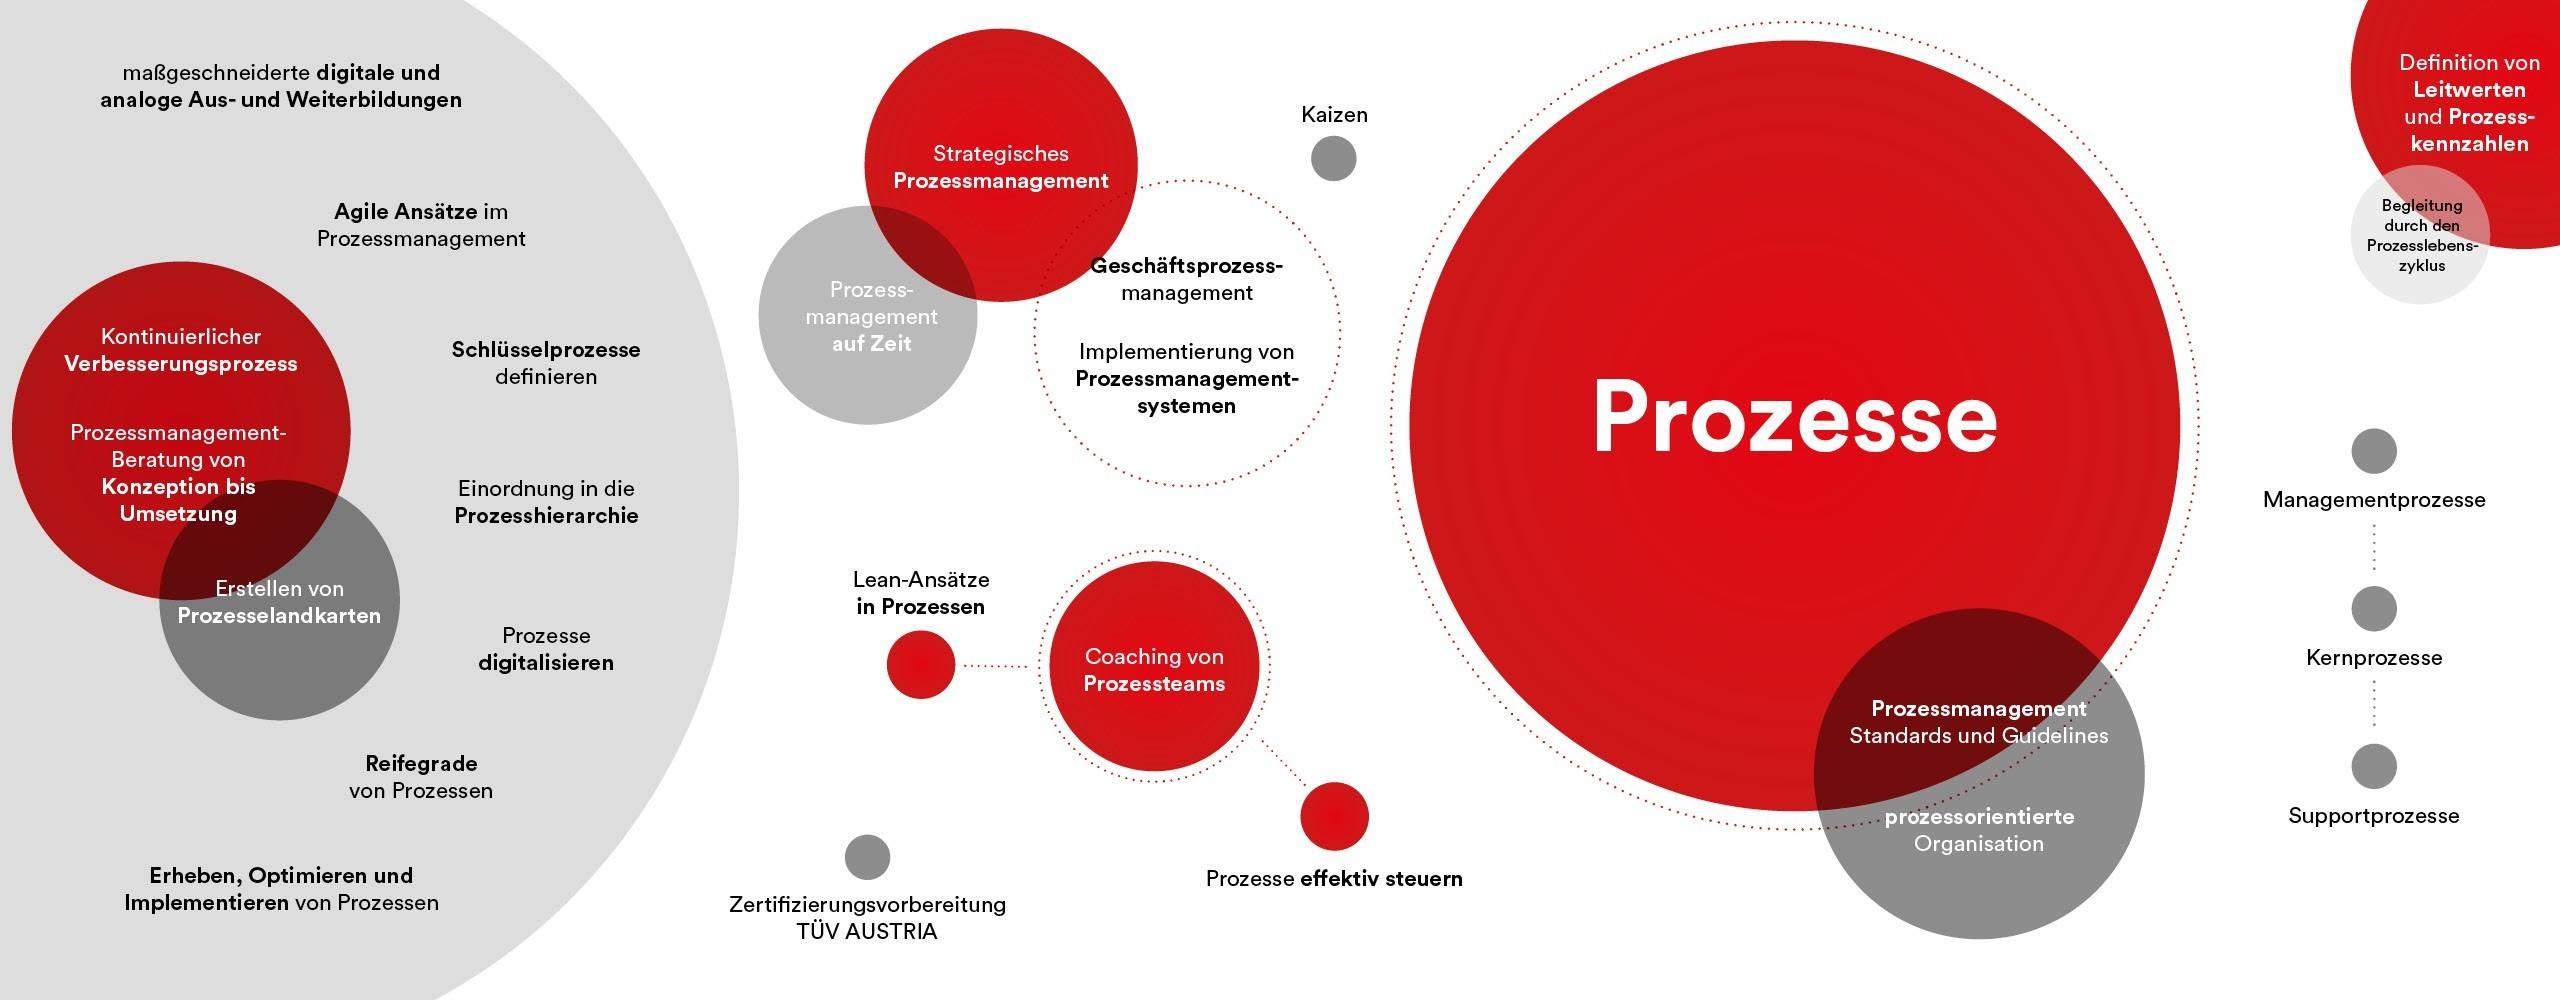 PMCC Prozessmanagement